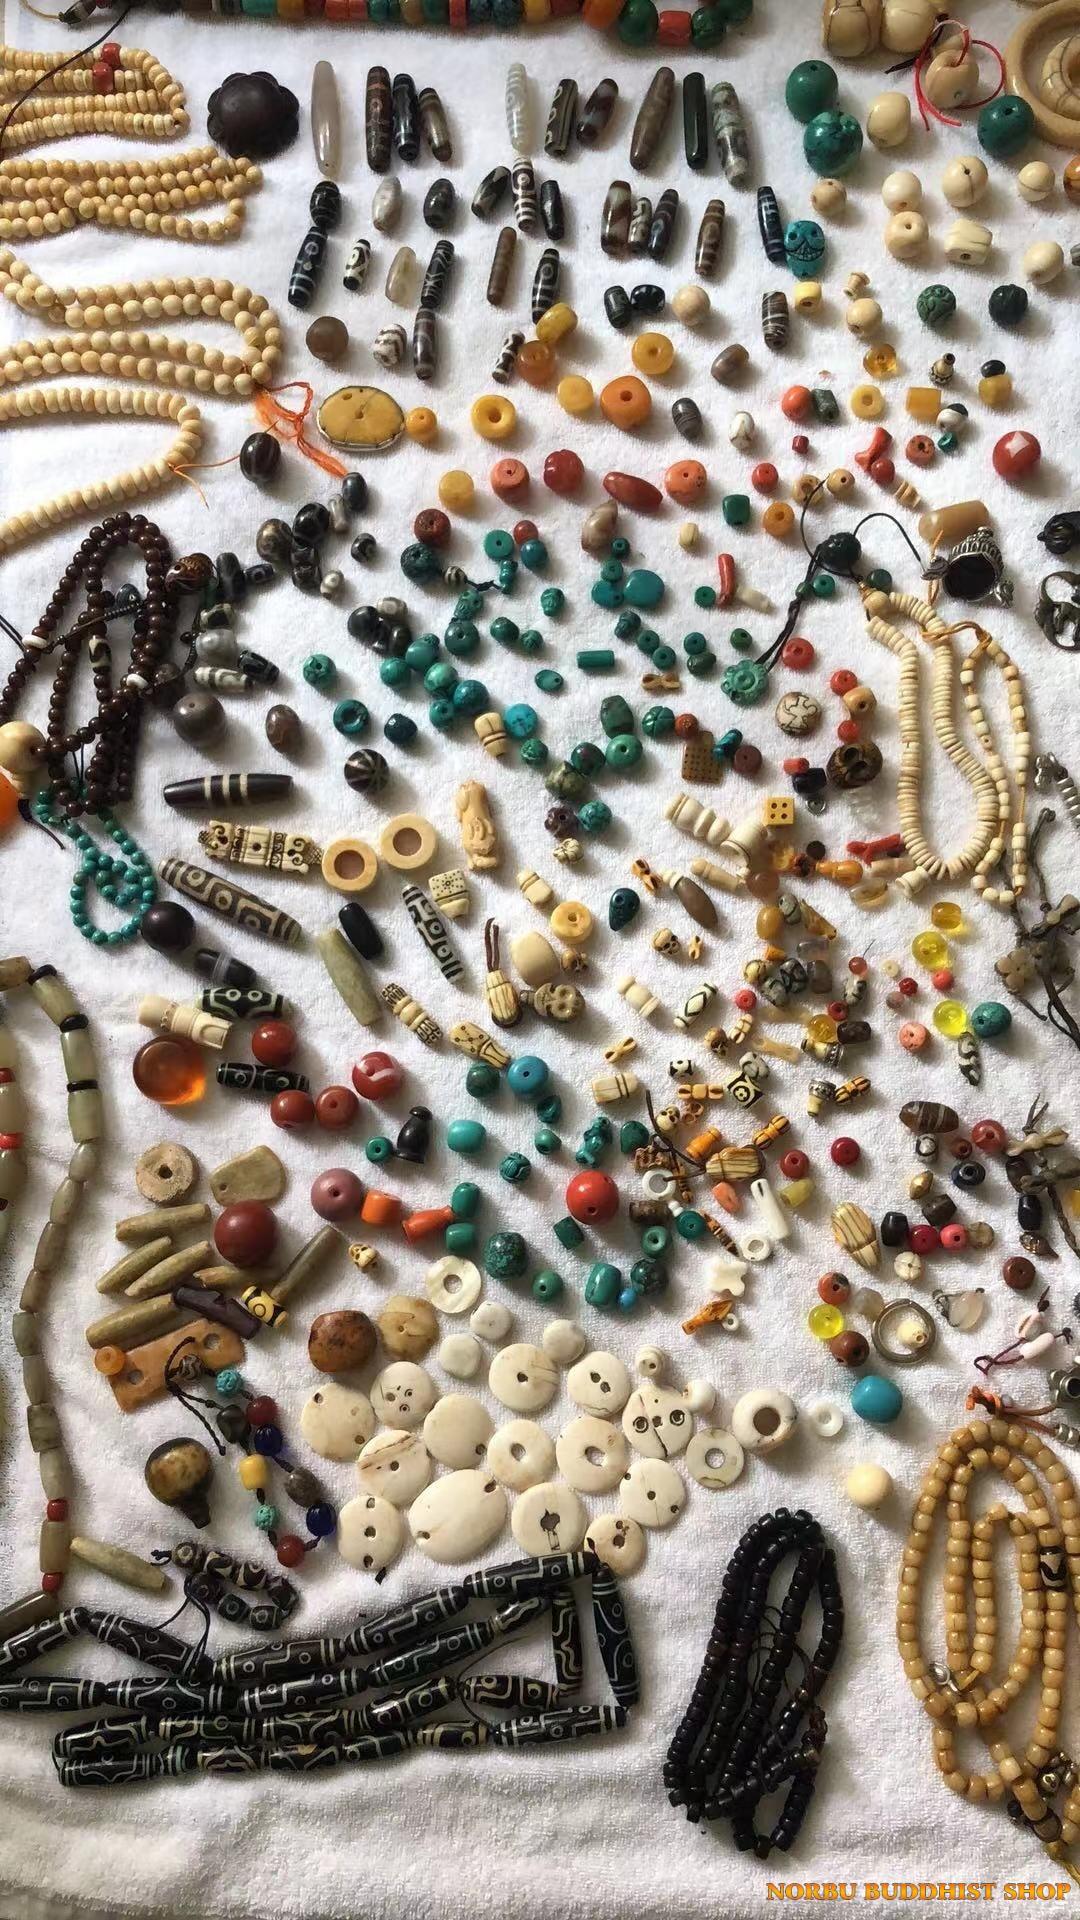 Tổng hợp các Vật phẩm Tây Tạng đáng sưu tầm chính thống từ Tibet 8